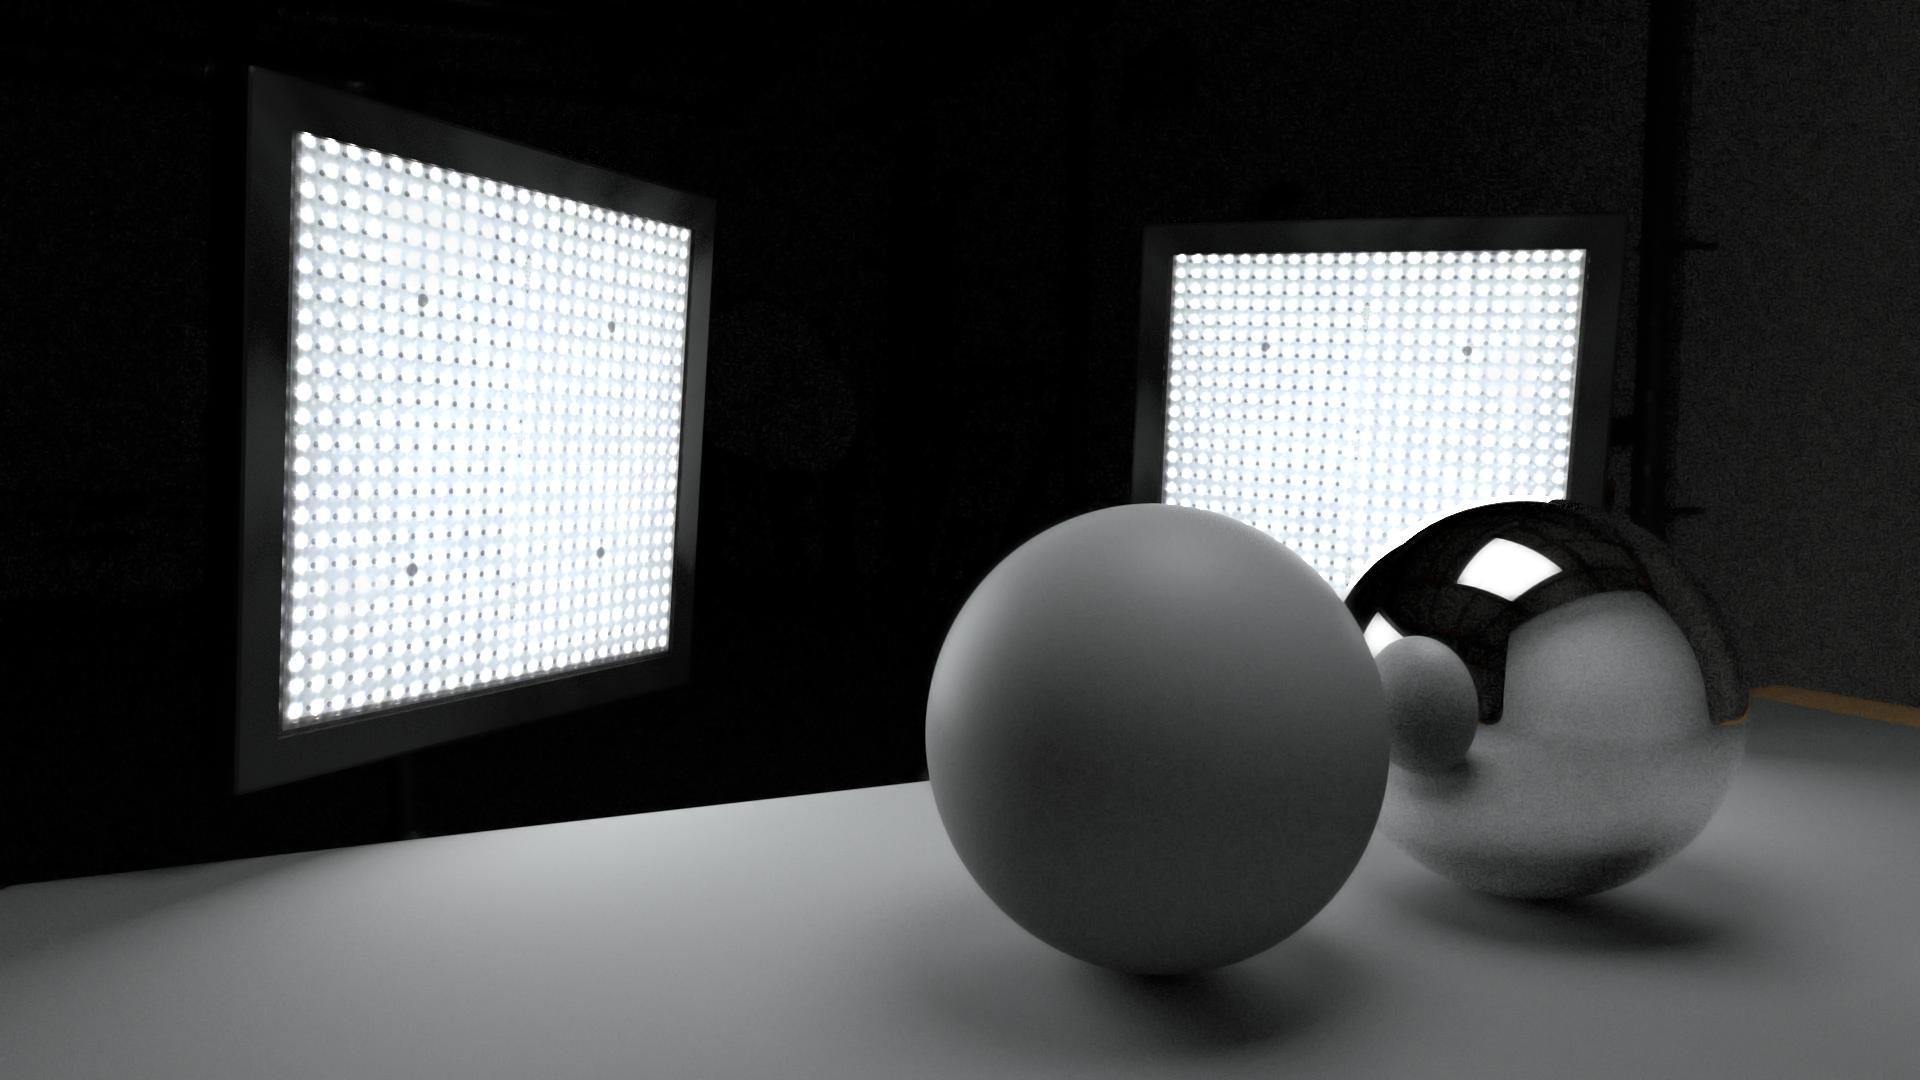 lightPanel_render_002.png